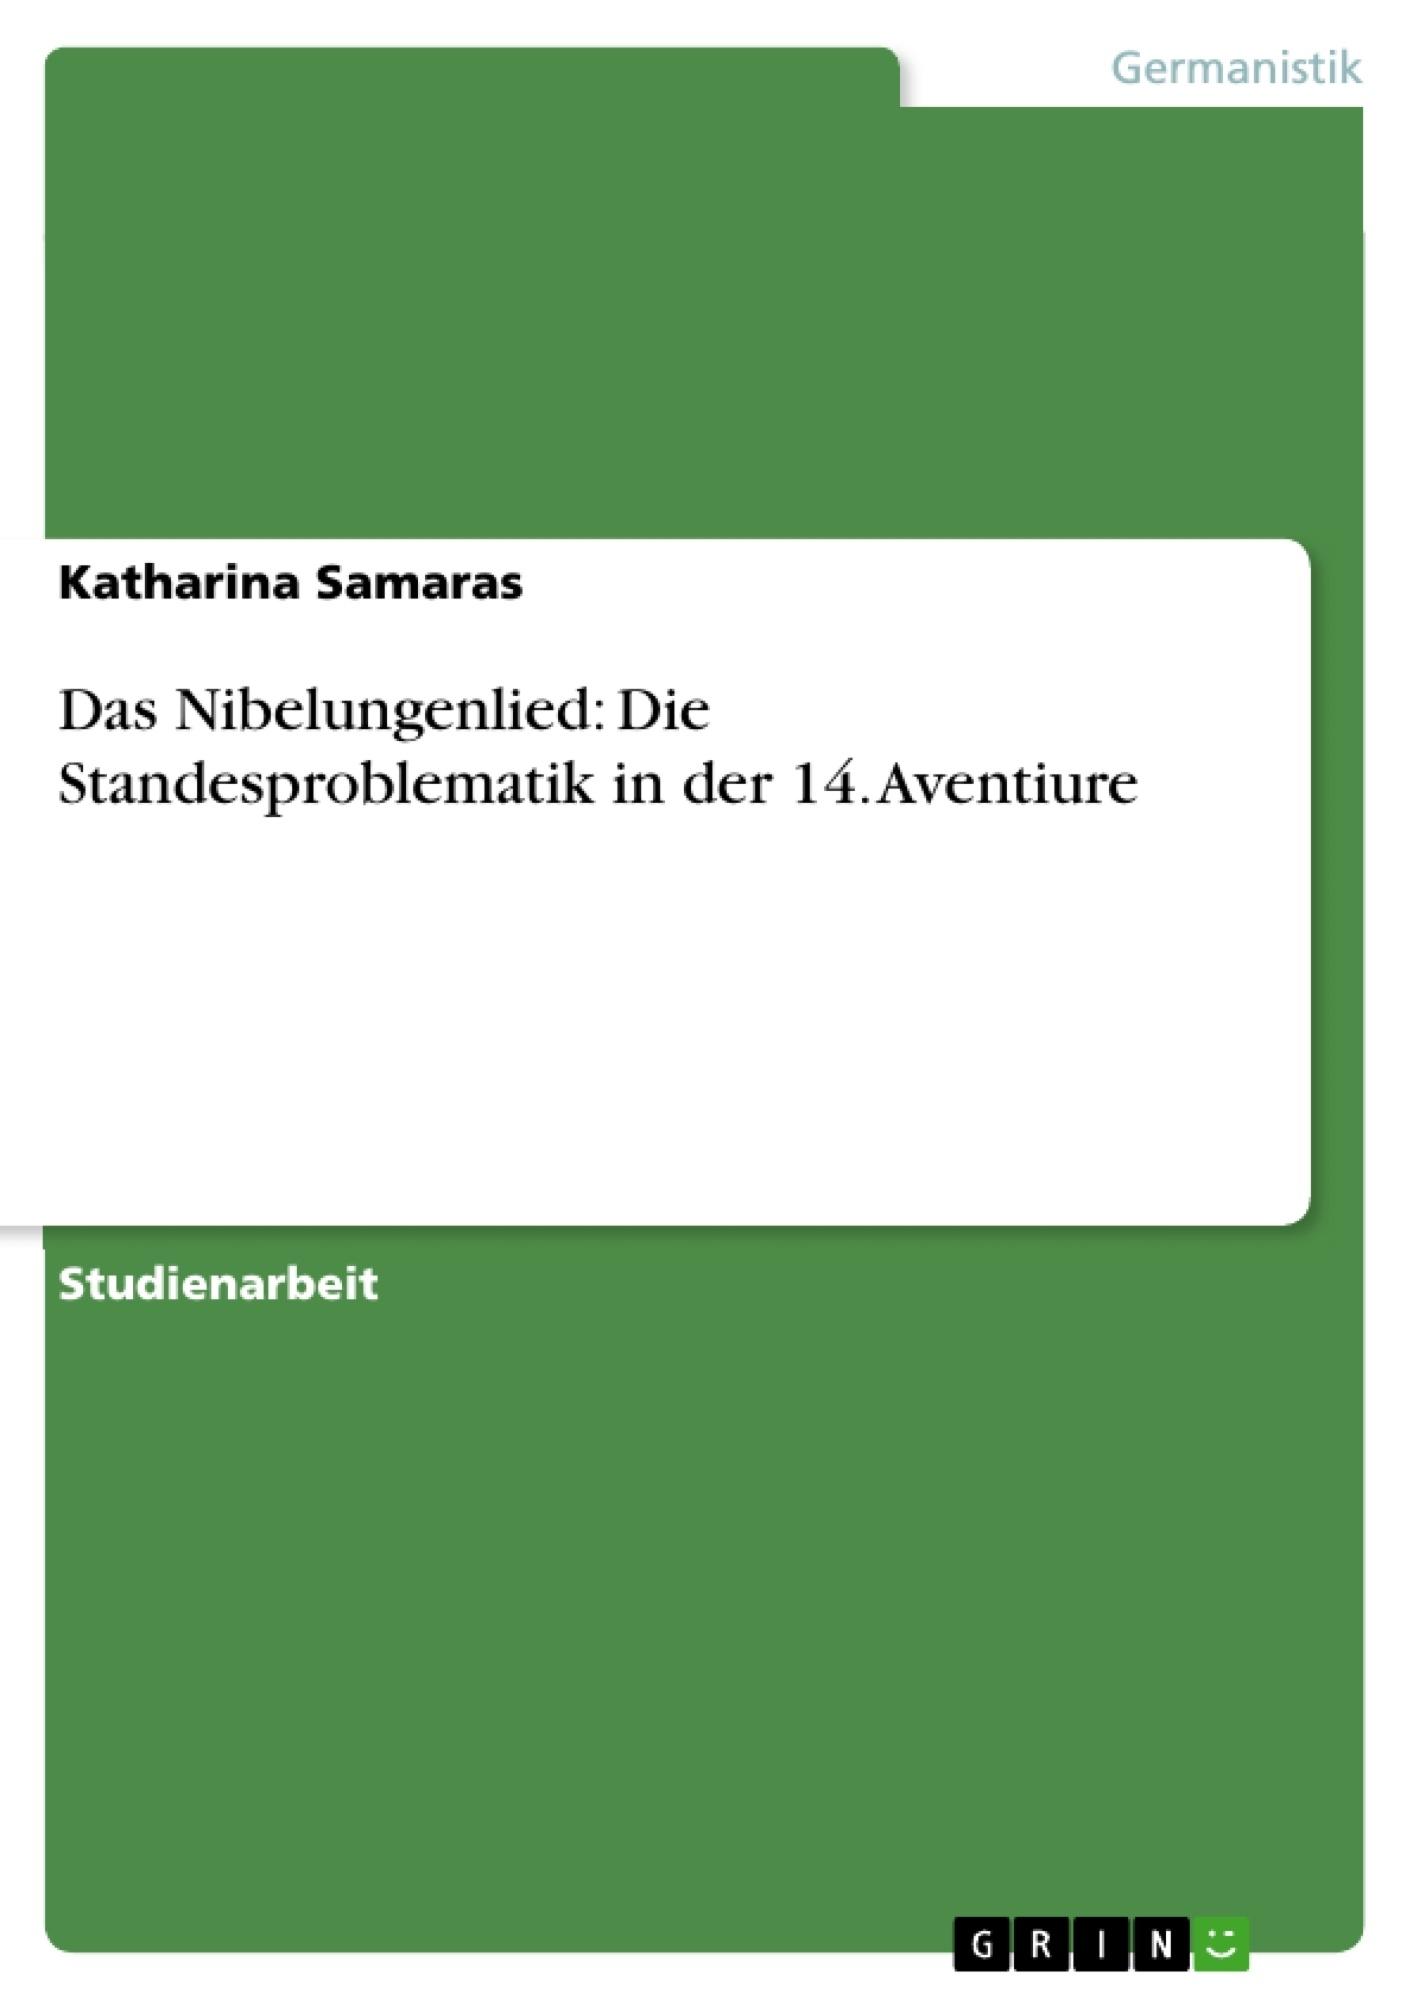 Titel: Das Nibelungenlied: Die Standesproblematik in der 14. Aventiure